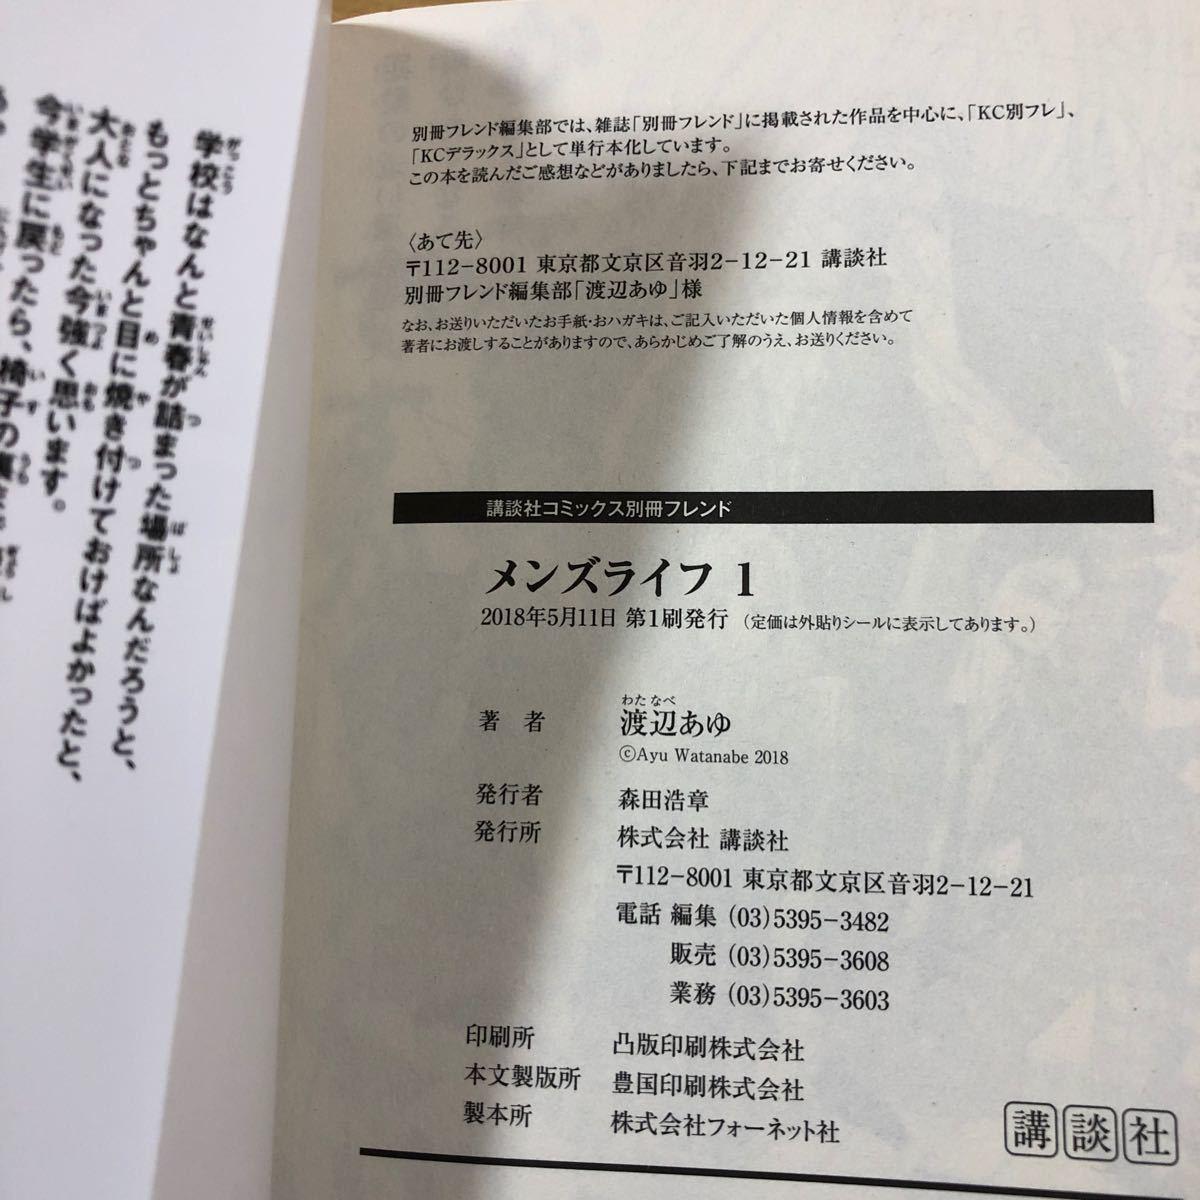 初版 メンズライフ 1〜4巻 全巻